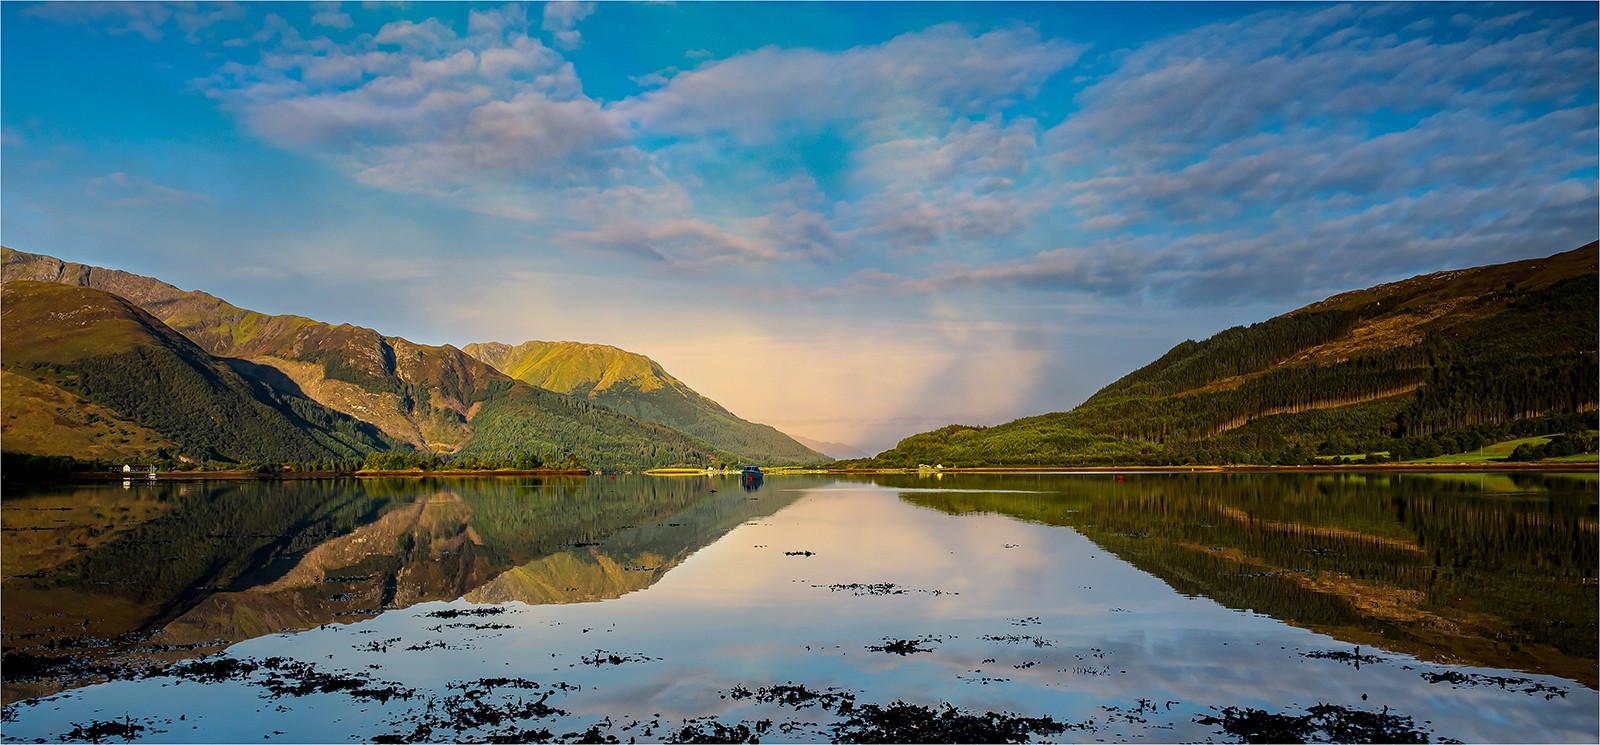 17. Morning light on Loch Leven Scotland.